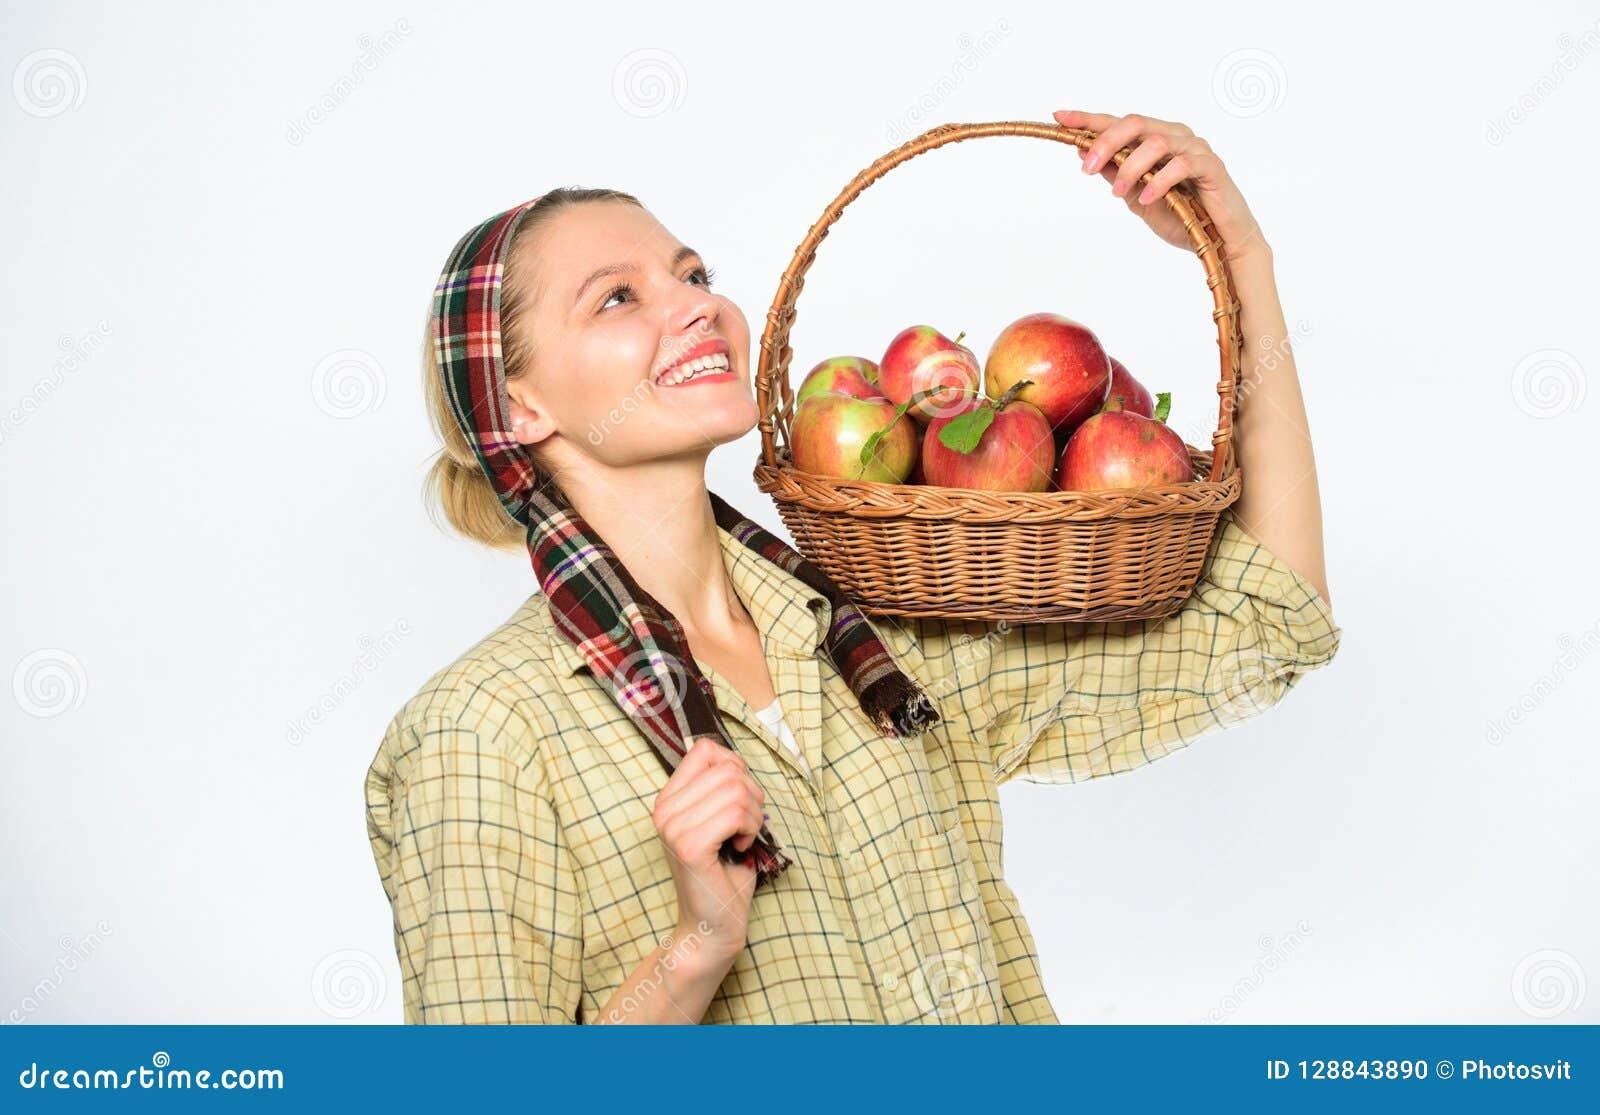 Ο κηπουρός γυναικείων αγροτών ξέρει πώς μάγειρας πολλές συνταγές με τα μήλα Έννοια συνταγής μαγείρων Ο χωρικός γυναικών φέρνει το